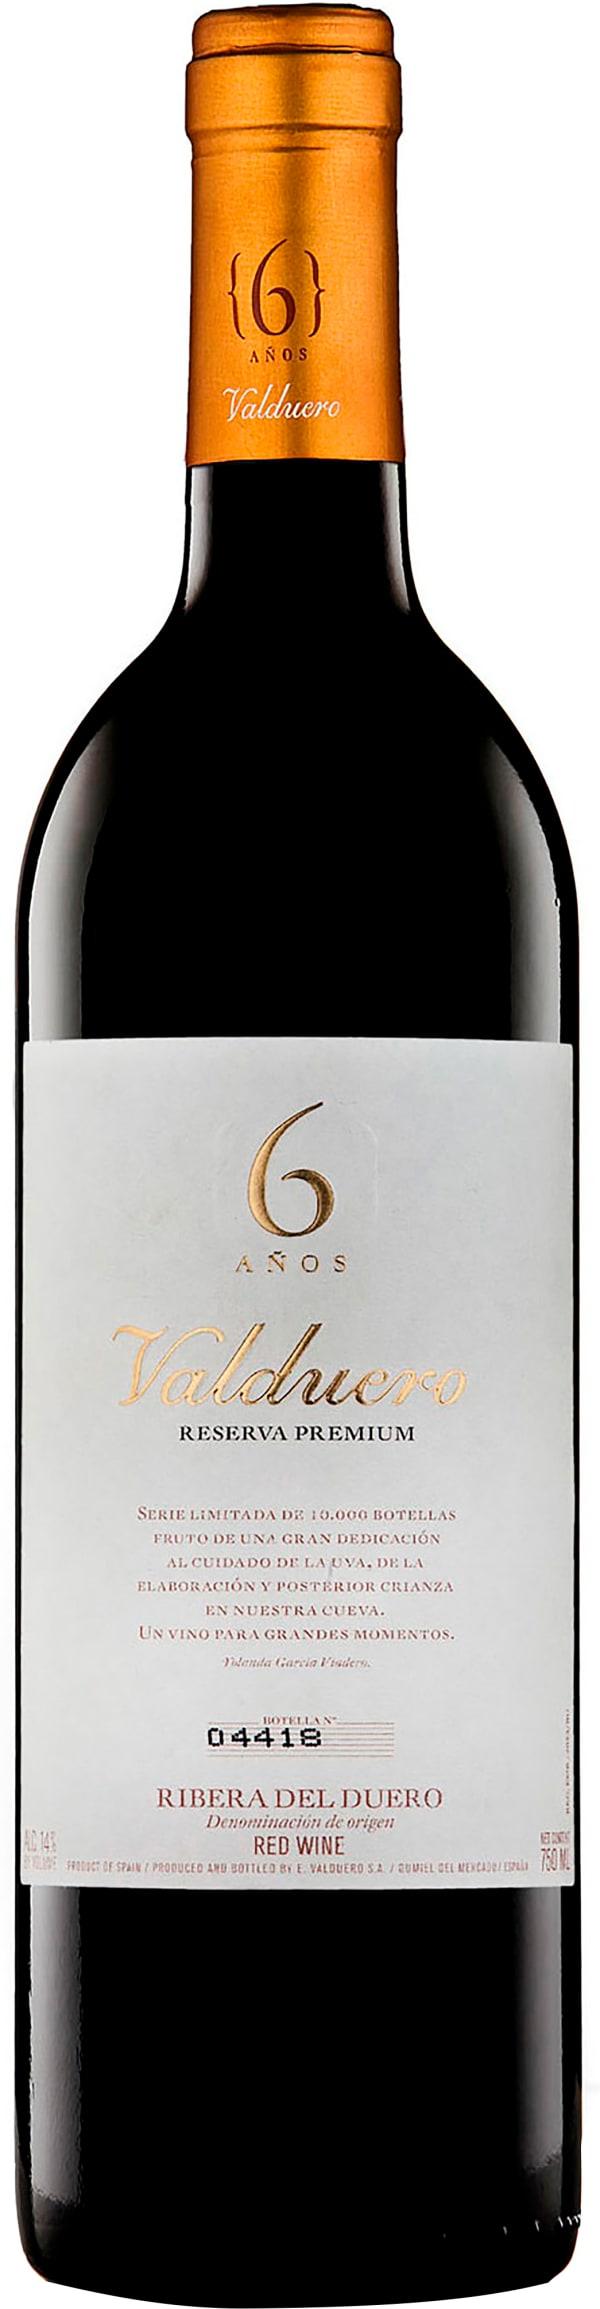 Valduero 6 Años Reserva Premium 2010